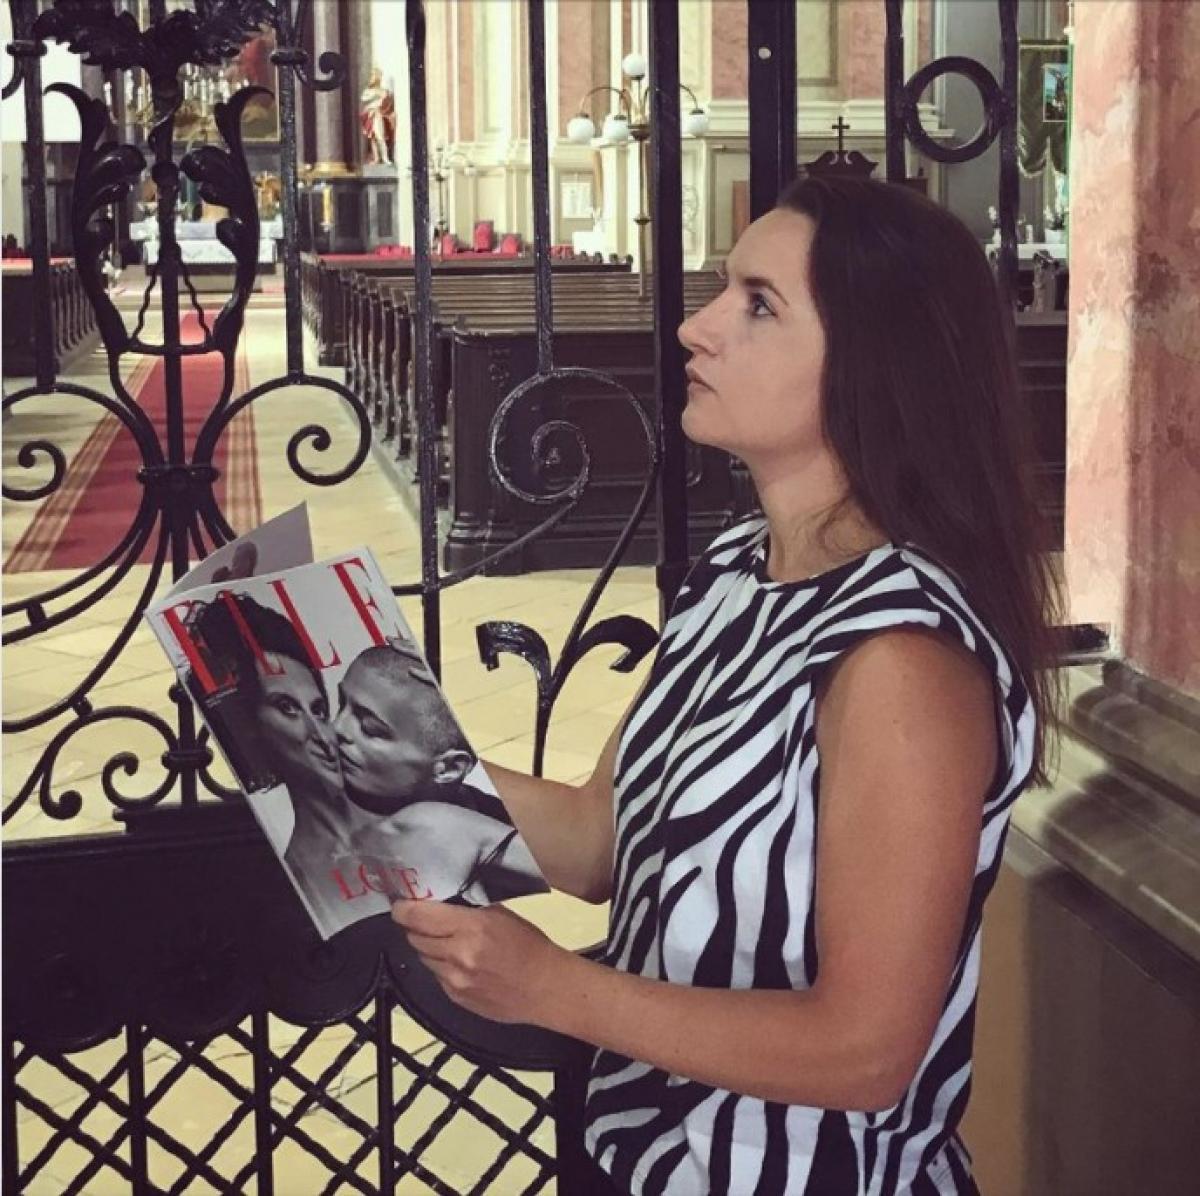 Feltűnési viszketegség kimaxolva: leszbikus ELLE-címlappal pózolt Lukácsi Katalin a templomban